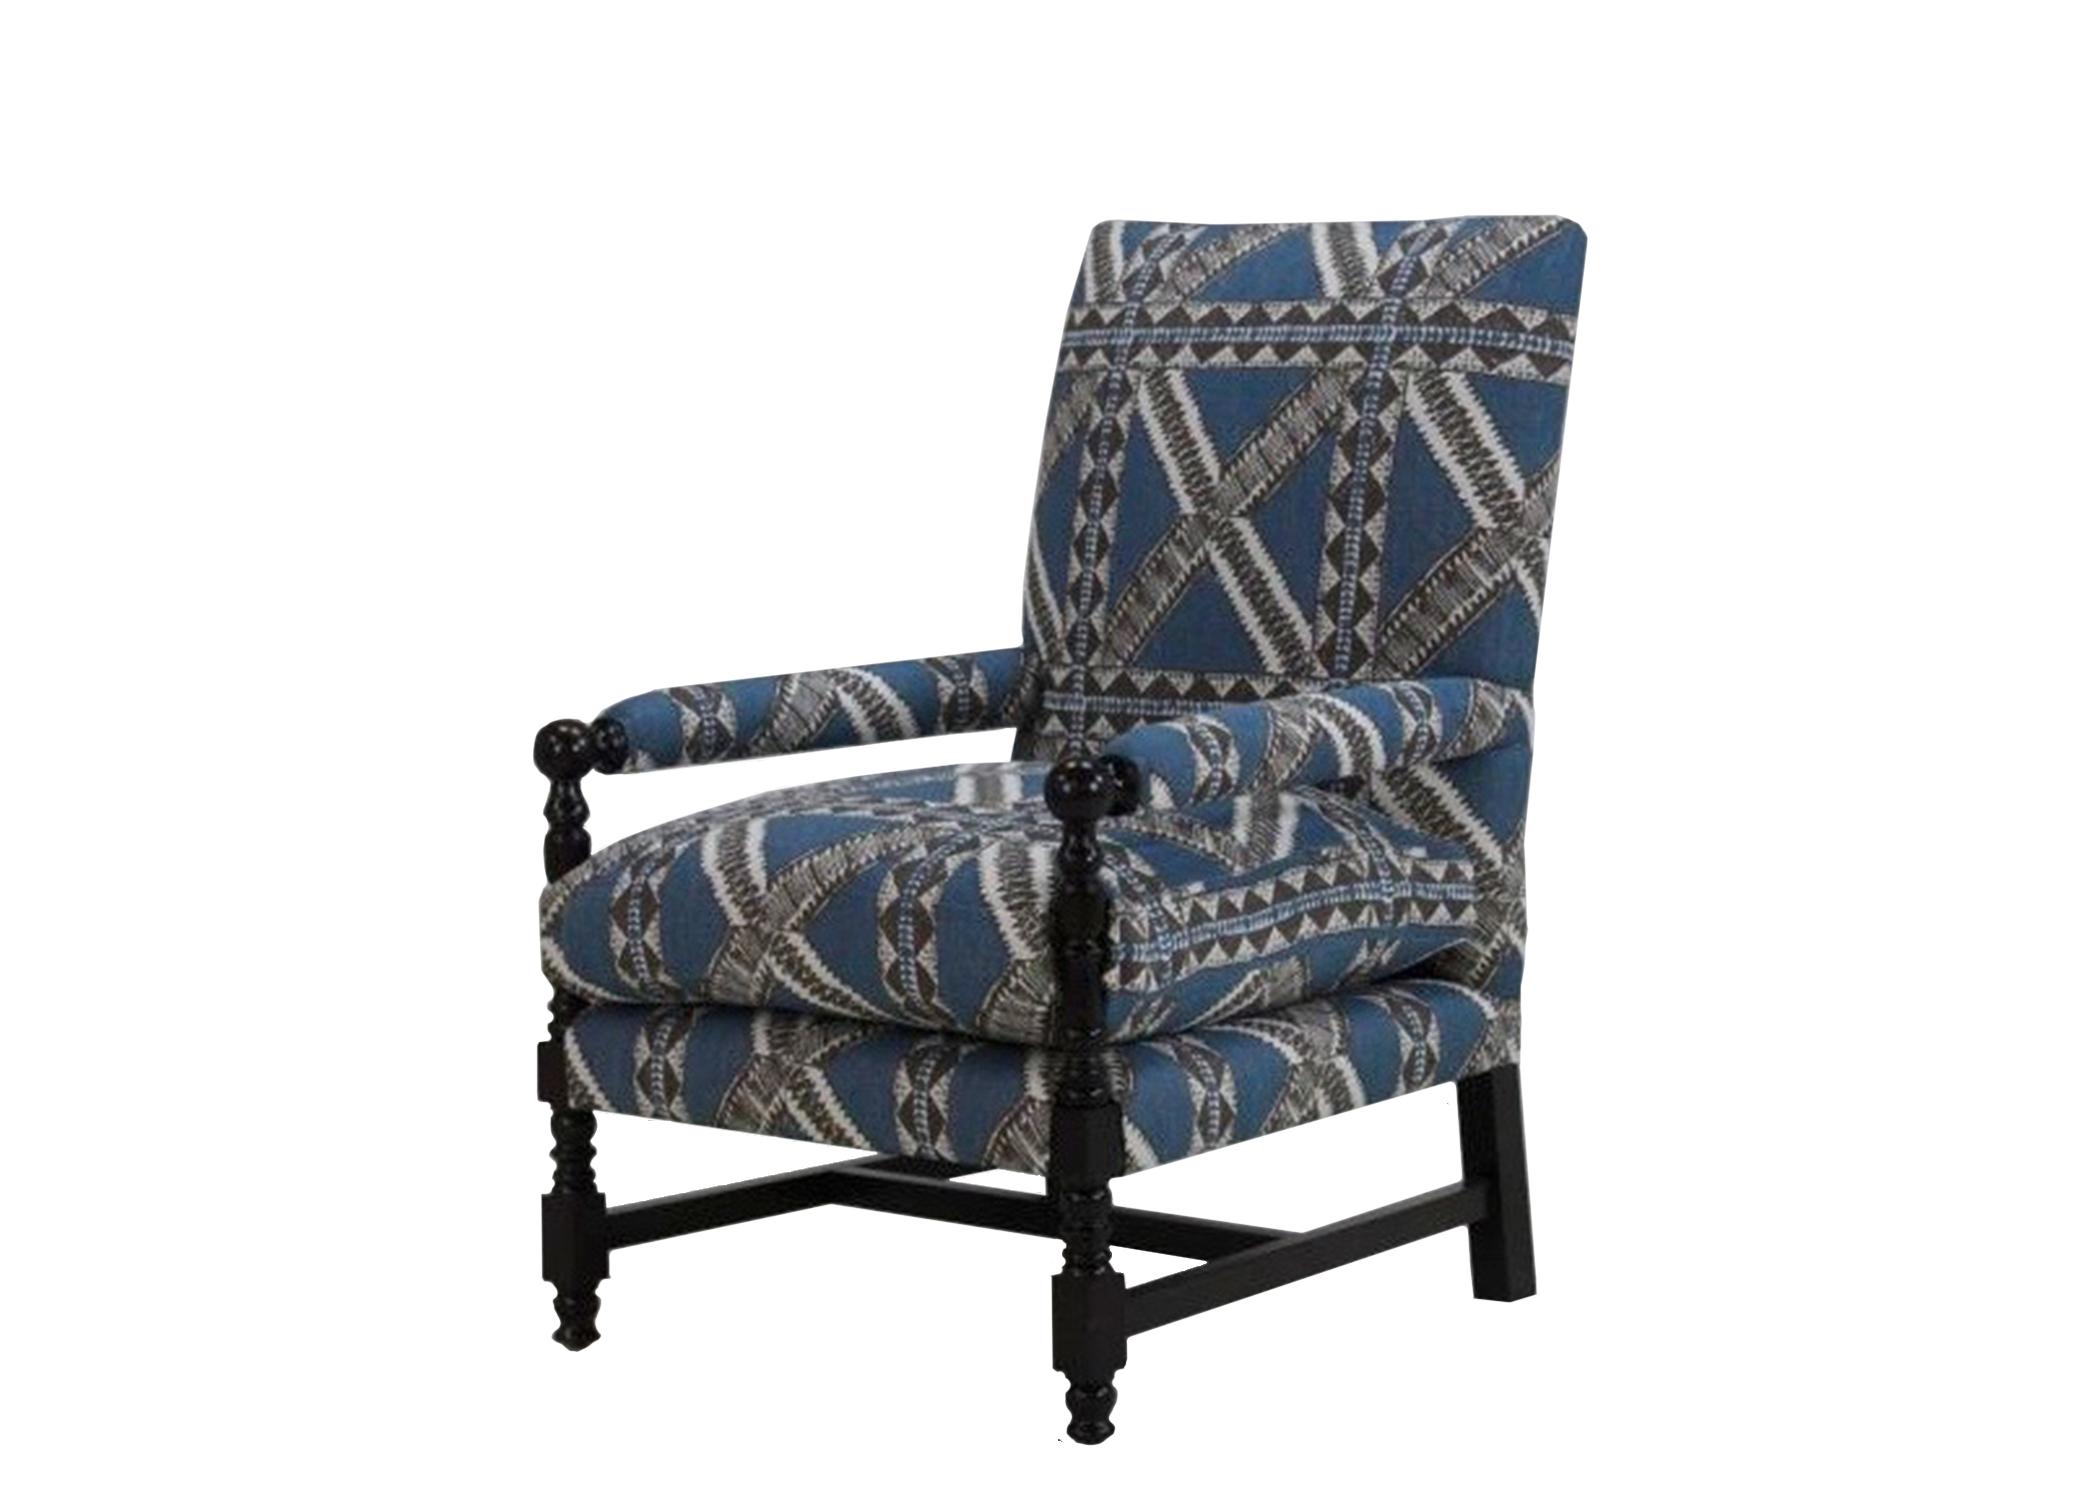 Napa chair with custom fabric